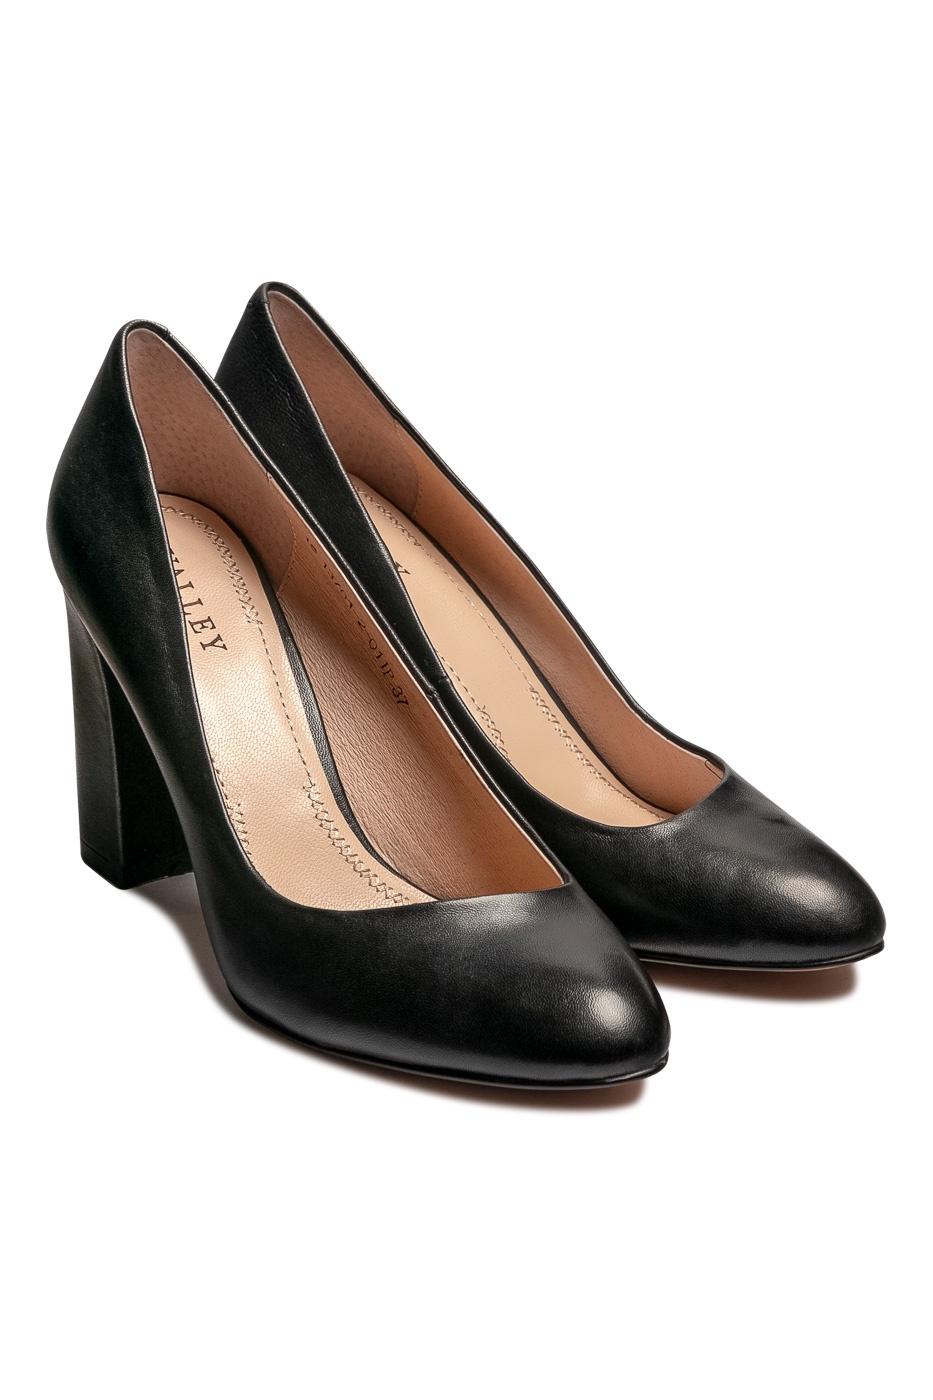 Туфли Valley туфли женские betsy s atelier цвет черный 999005 01 01 размер 35